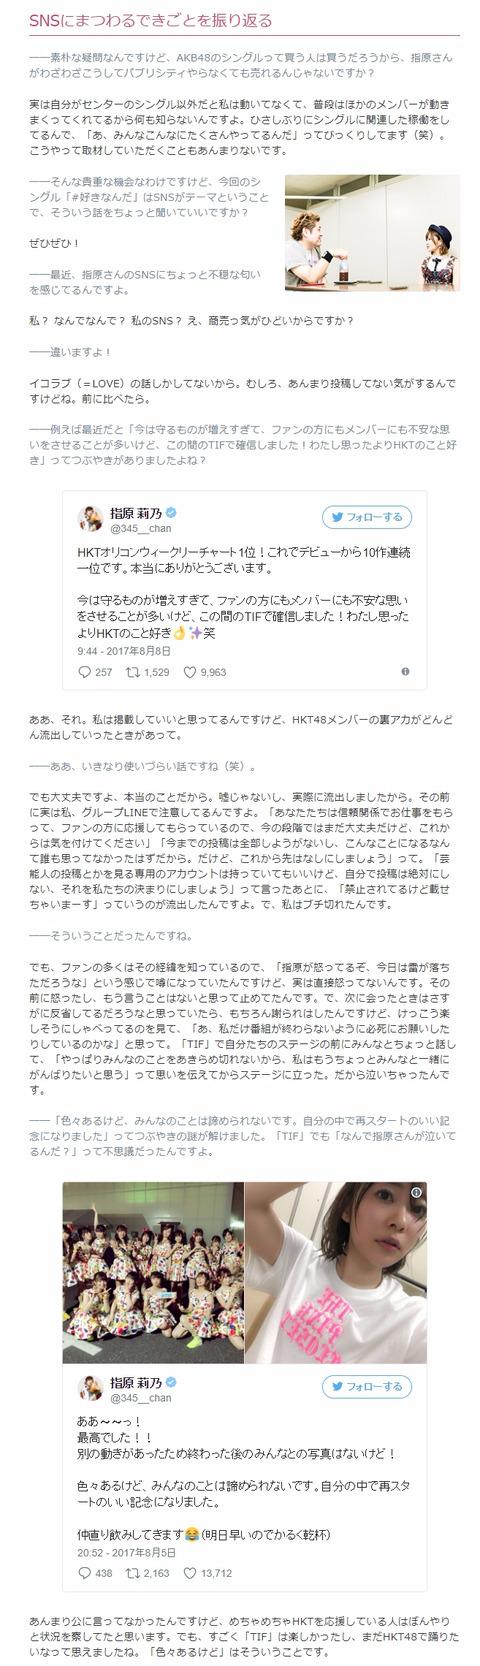 【悲報】指原莉乃さん、HKT48メンバーのプロ意識の無さにブチ切れ